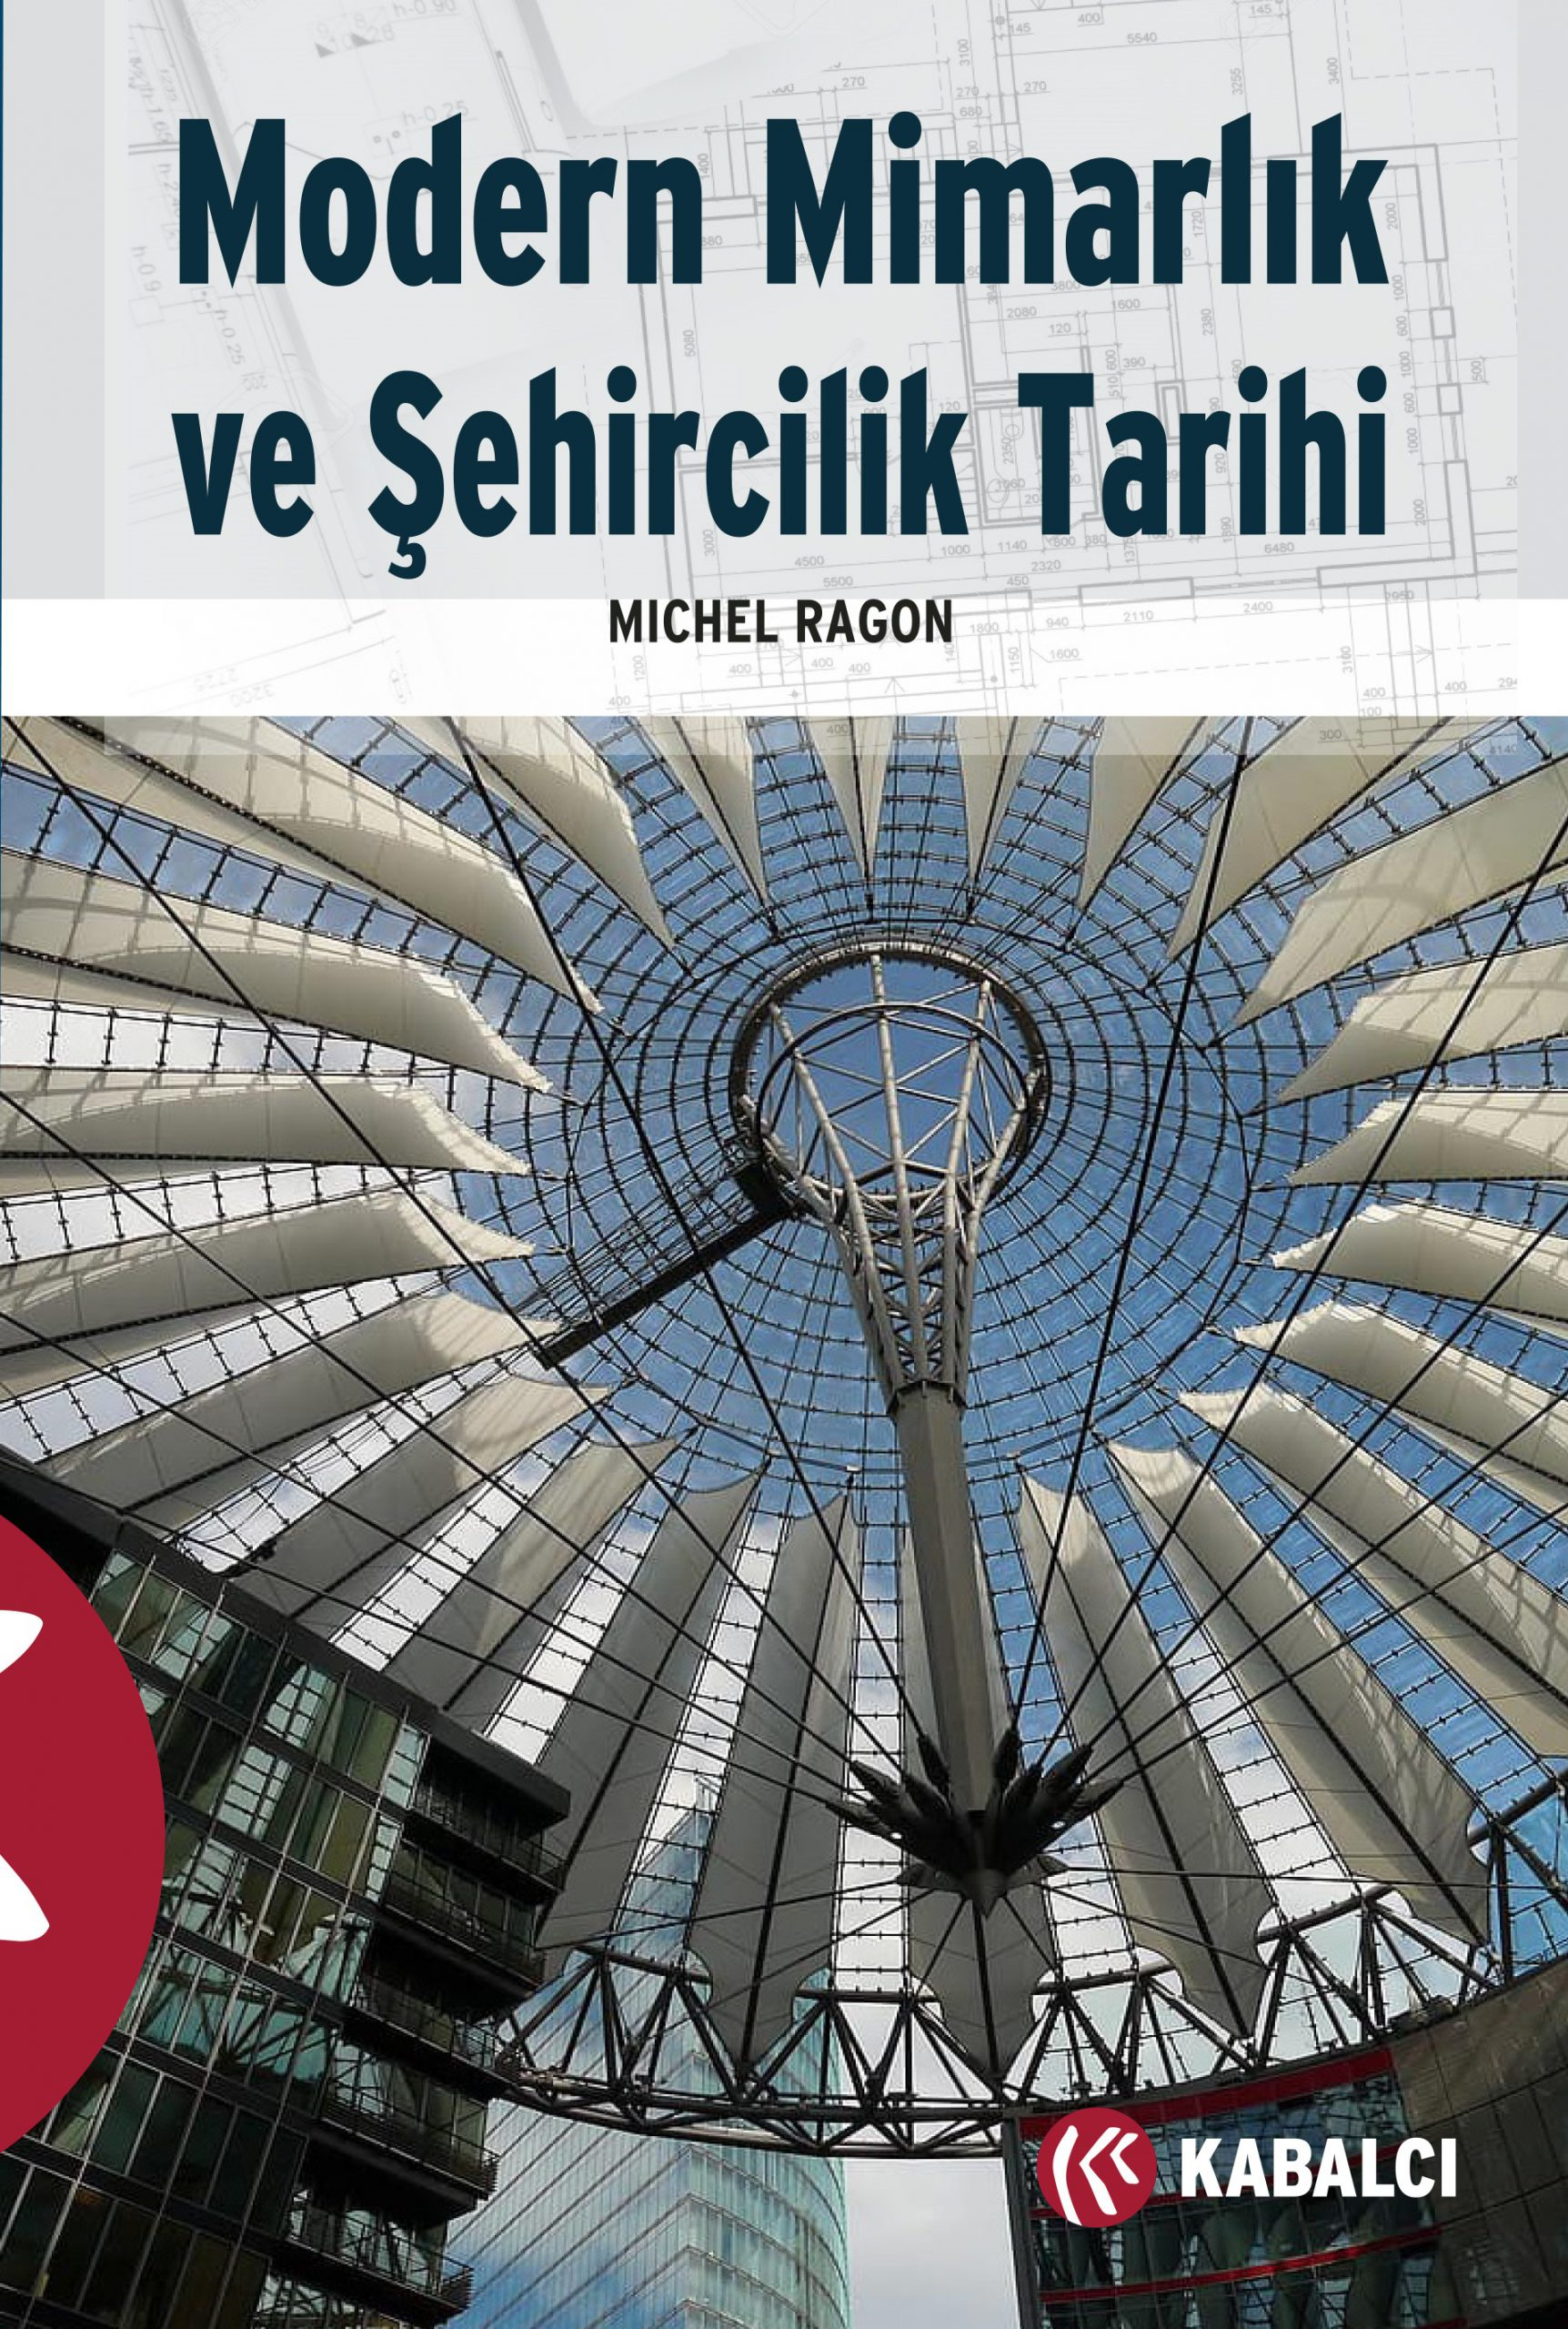 Modern Mimarlık ve Şehircilik Tarihi